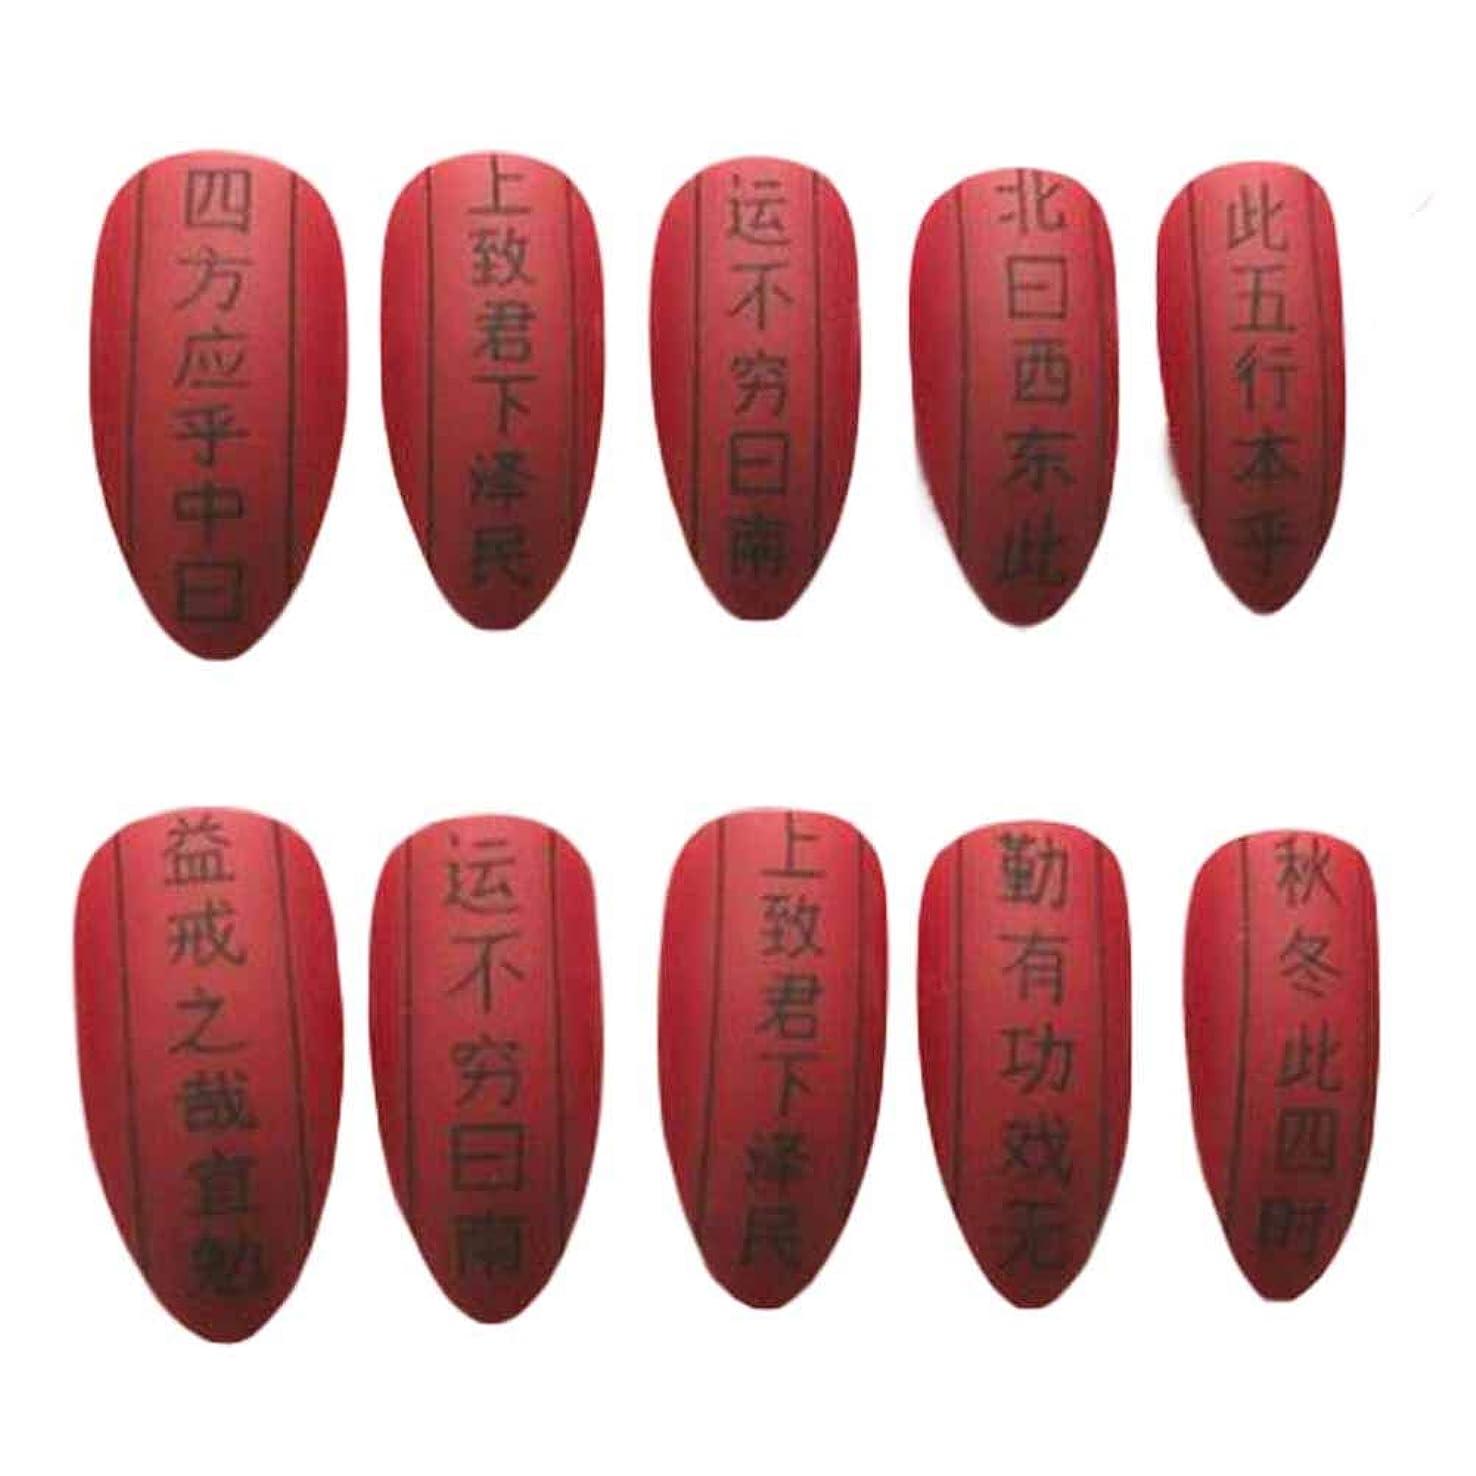 玉ねぎ用心深いスキャンダル三字経 - 赤い偽の指爪人工爪の装飾の爪のヒント